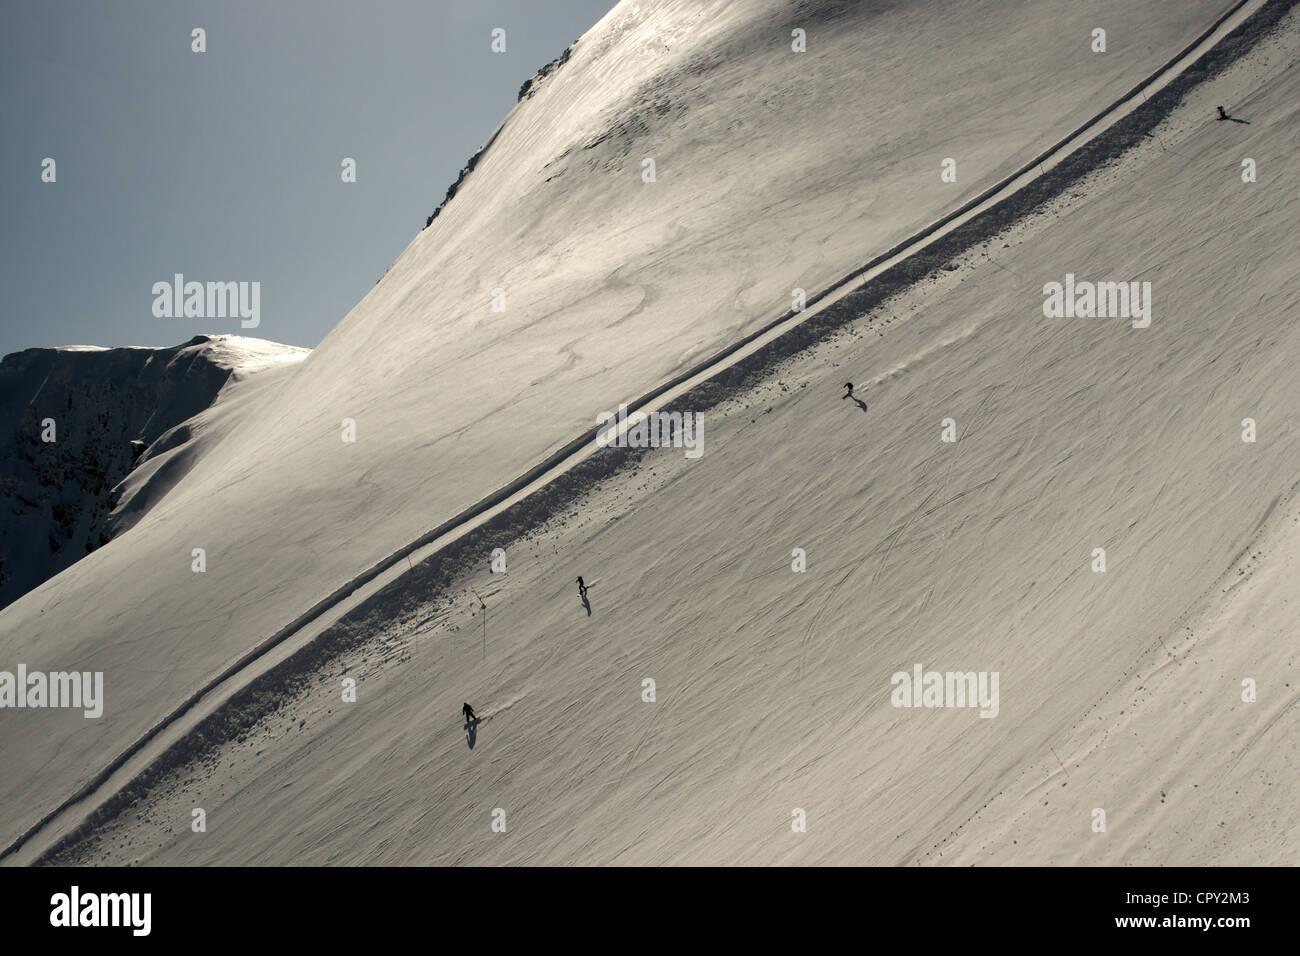 Kasprowy Wierch Ski Resort Tatra Mountains Zakopane Poland Stock